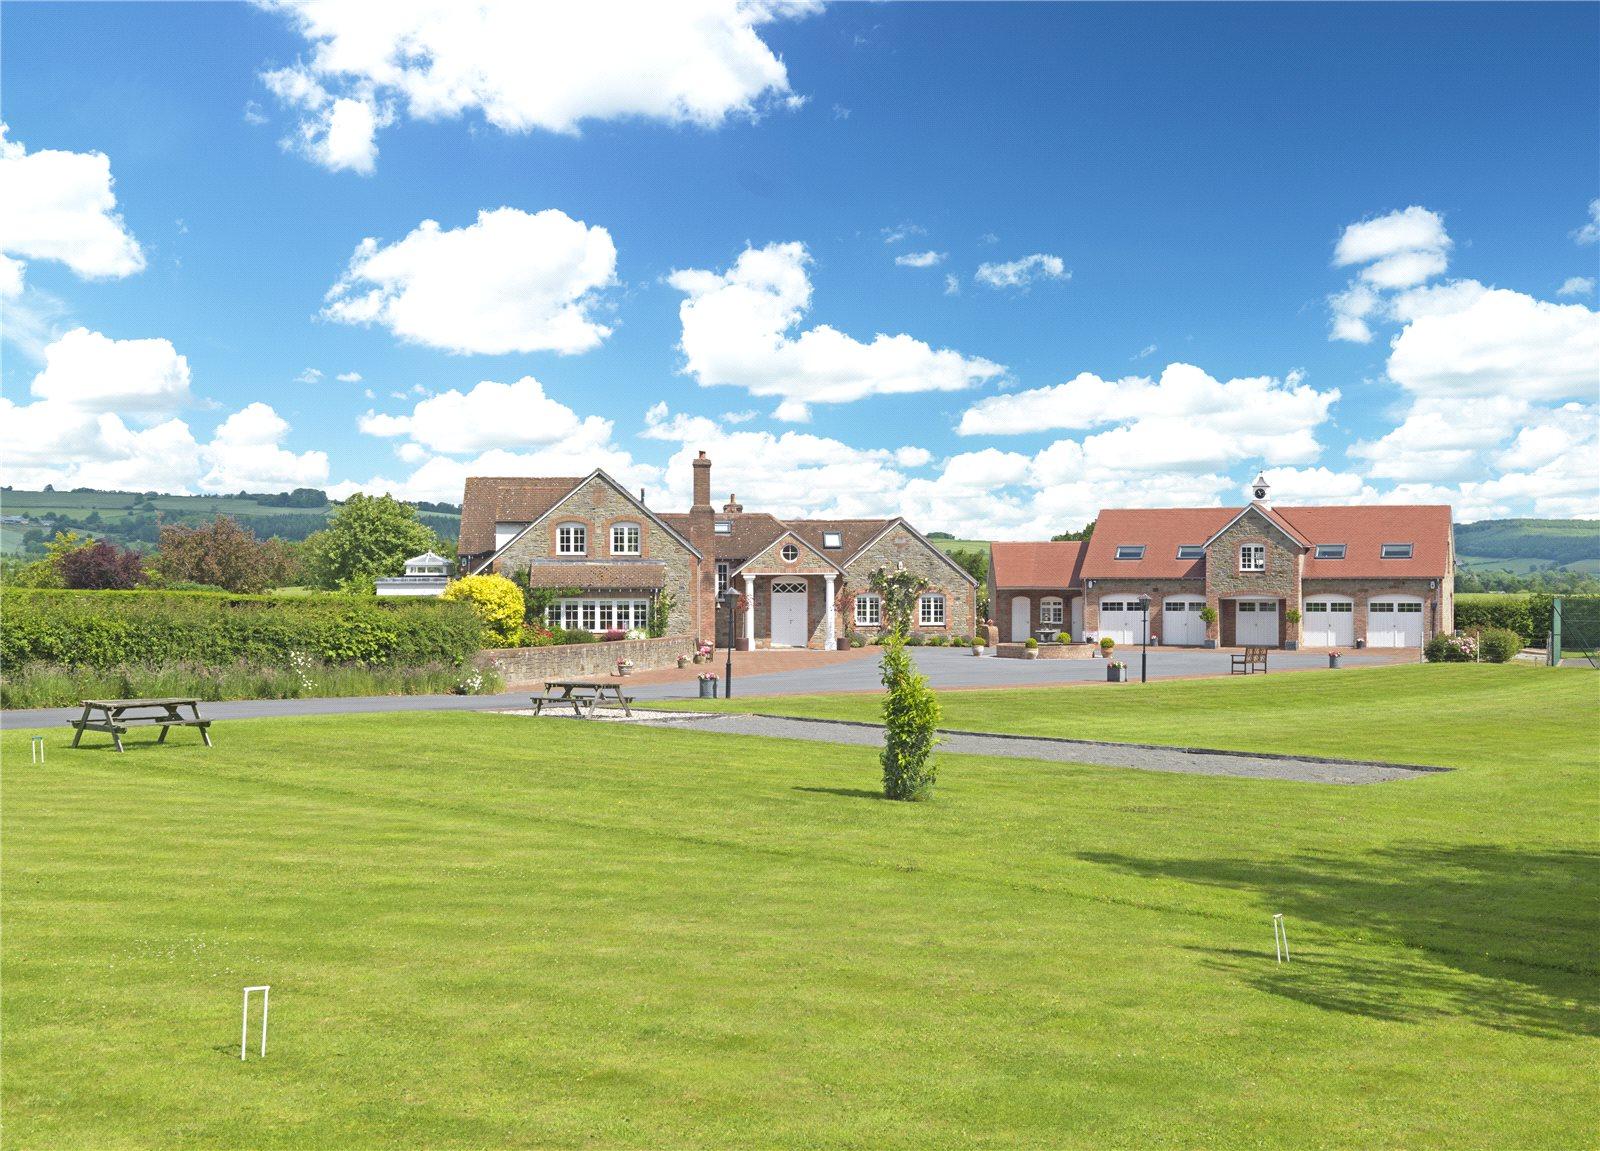 Maison unifamiliale pour l Vente à Bullocks Mill, Lyonshall, Herefordshire, HR5 Wales